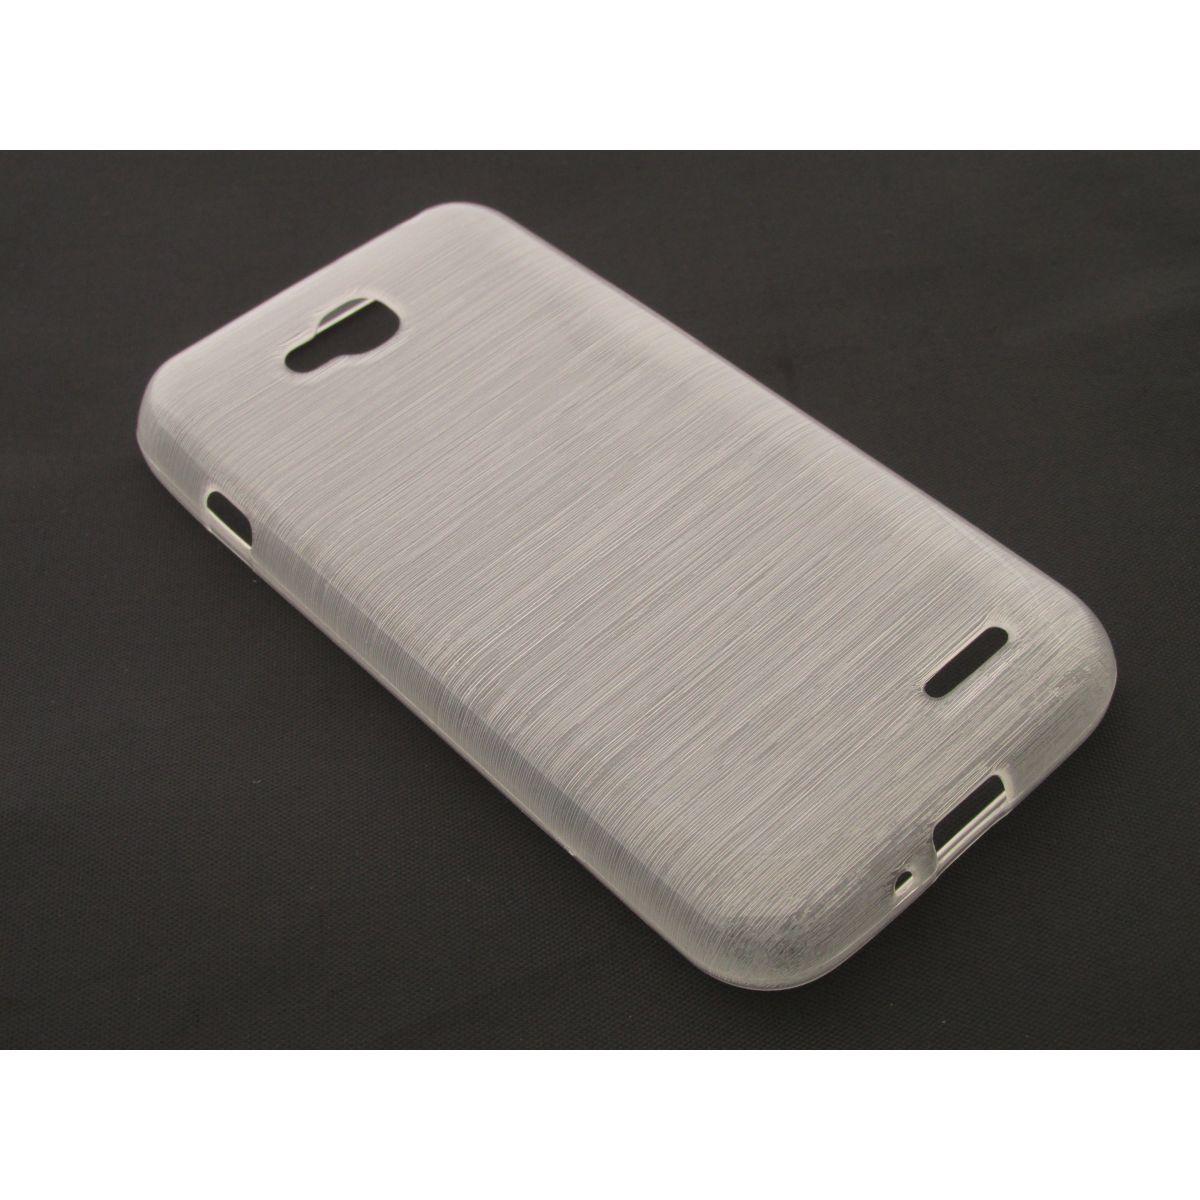 Capa TPU Transparente LG L90 D410 + Película Flexível